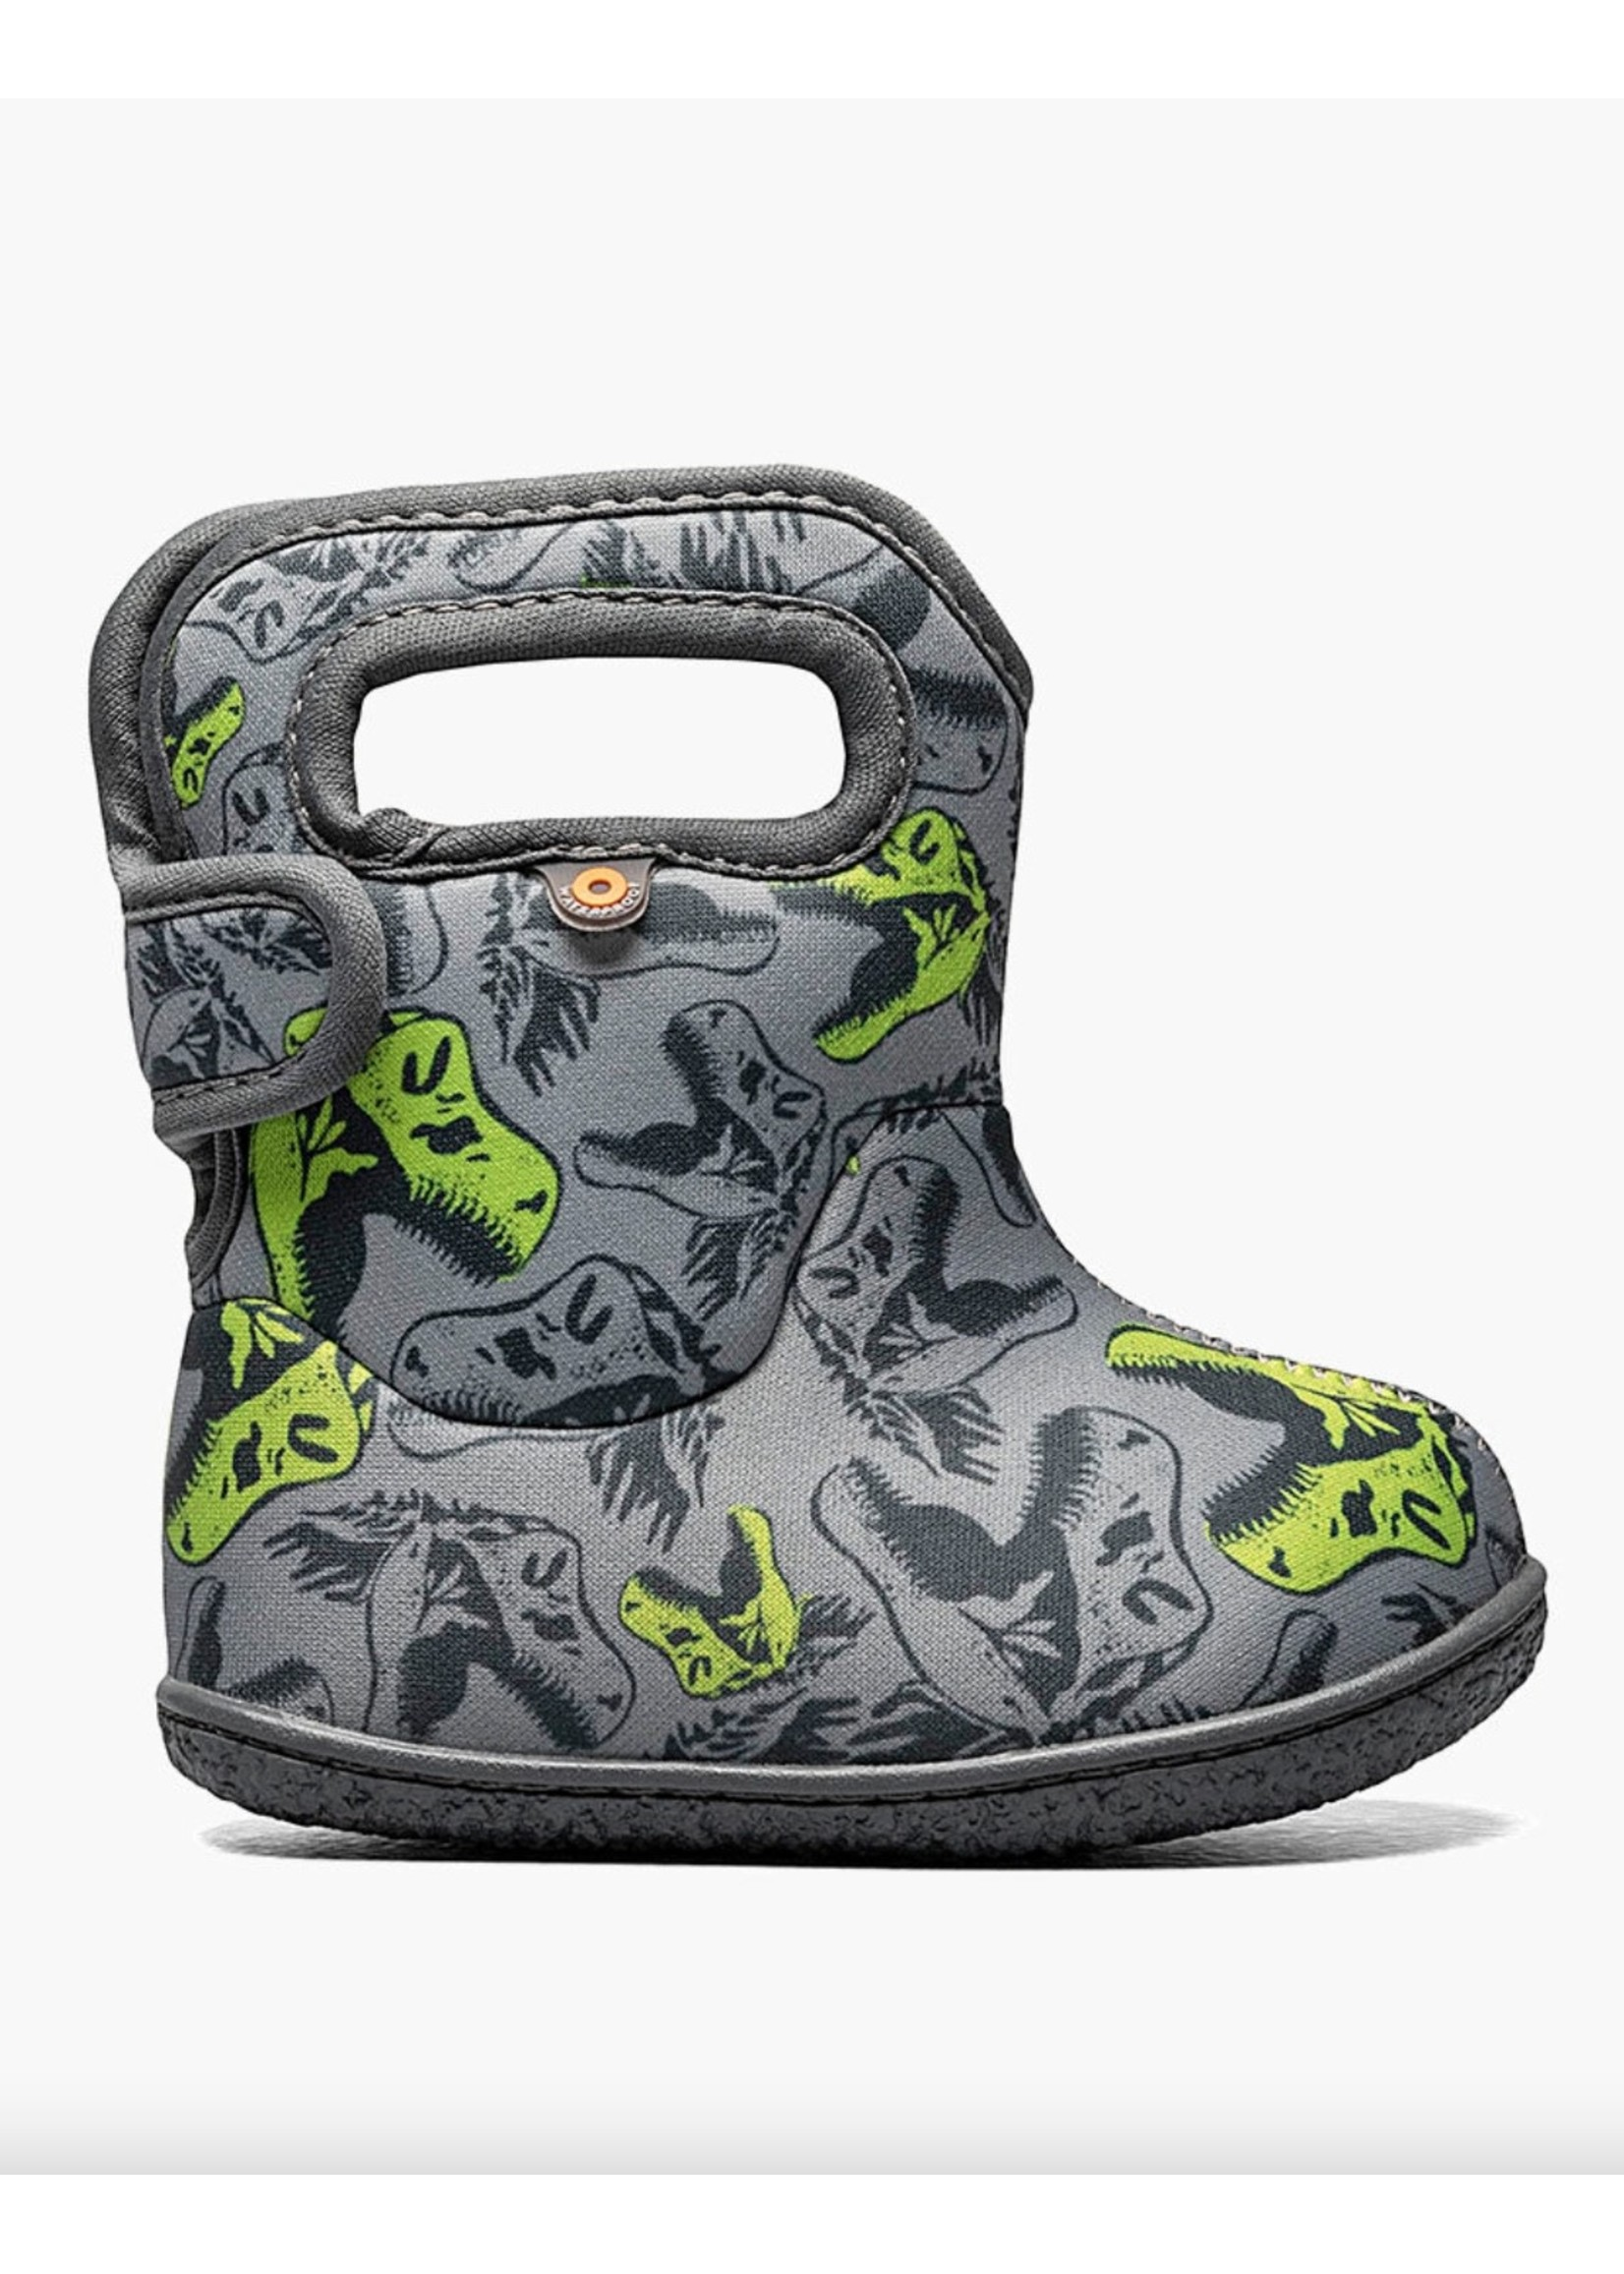 Bogs Bogs, Baby Bogs Grey Cool Dinos Waterproof Boots